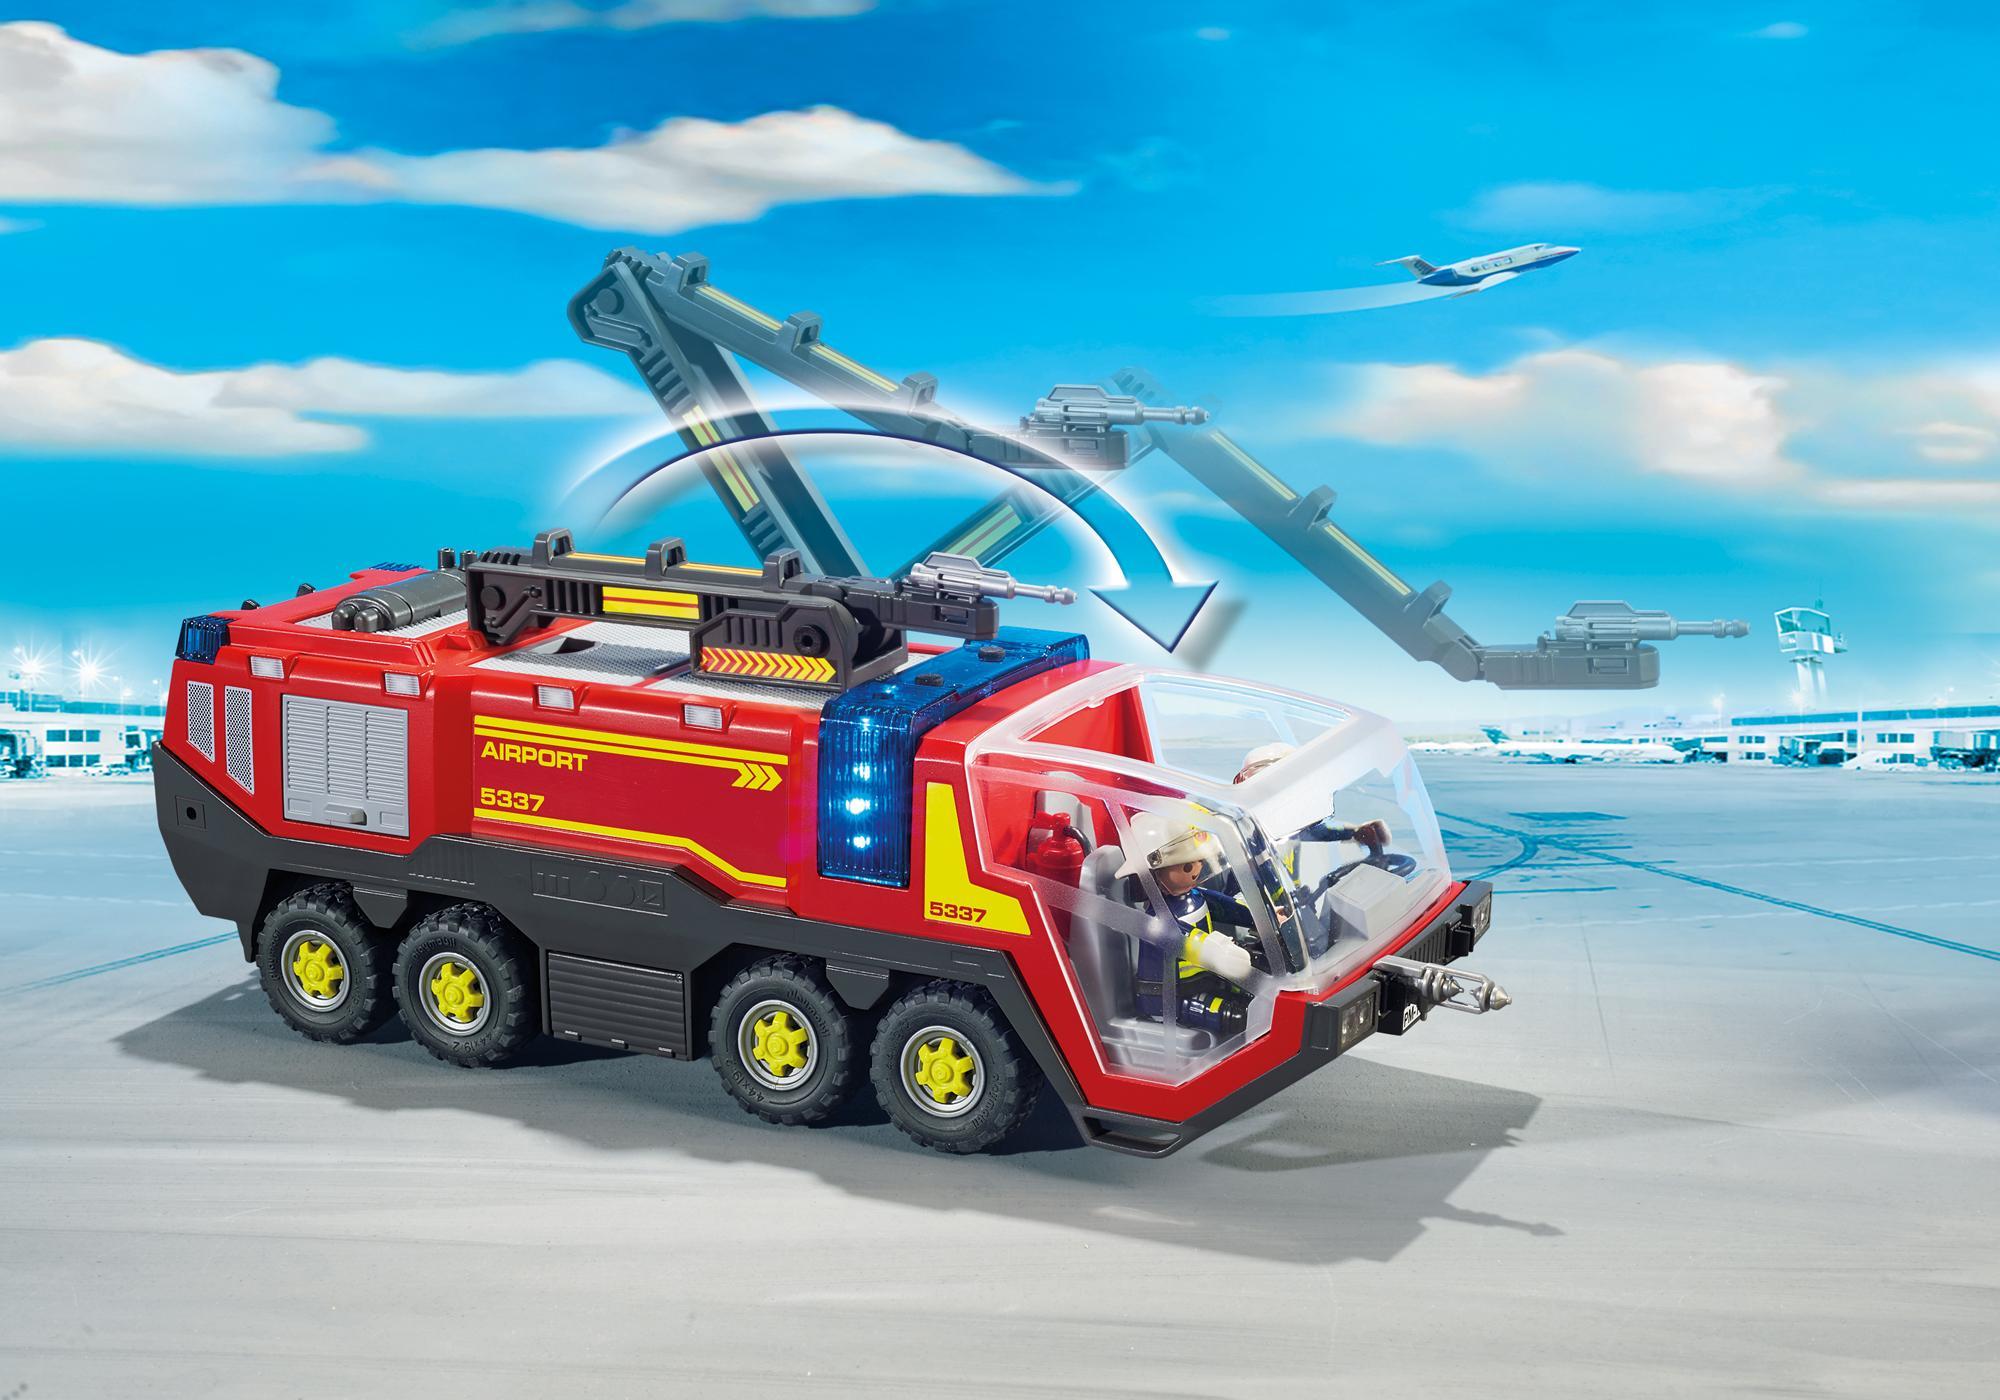 http://media.playmobil.com/i/playmobil/5337_product_extra4/Flygplatsbrandbil med ljus och ljud.